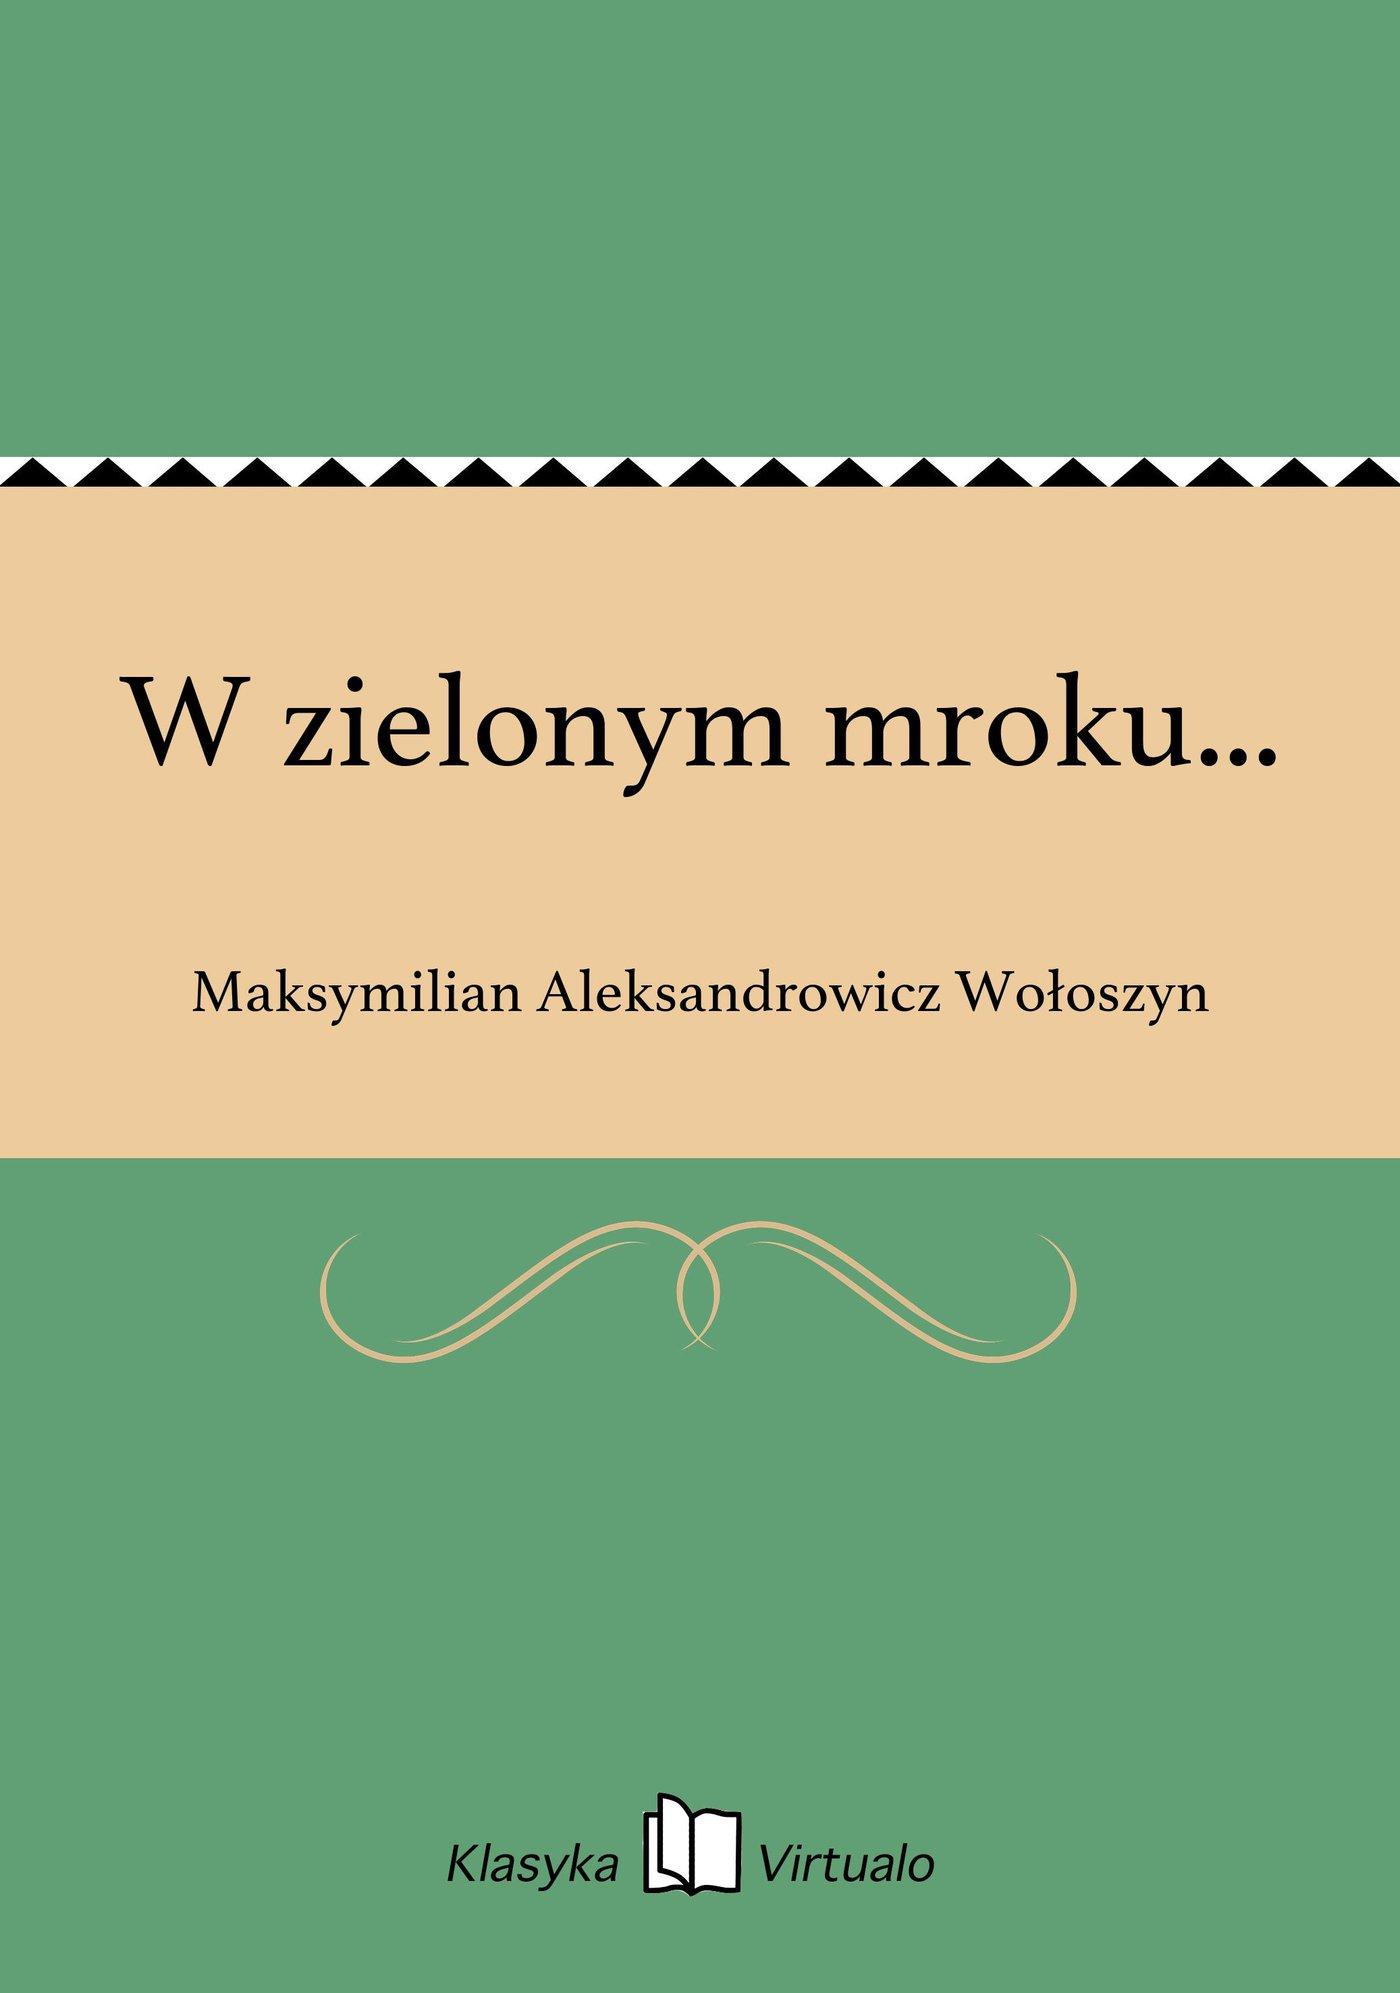 W zielonym mroku... - Ebook (Książka EPUB) do pobrania w formacie EPUB